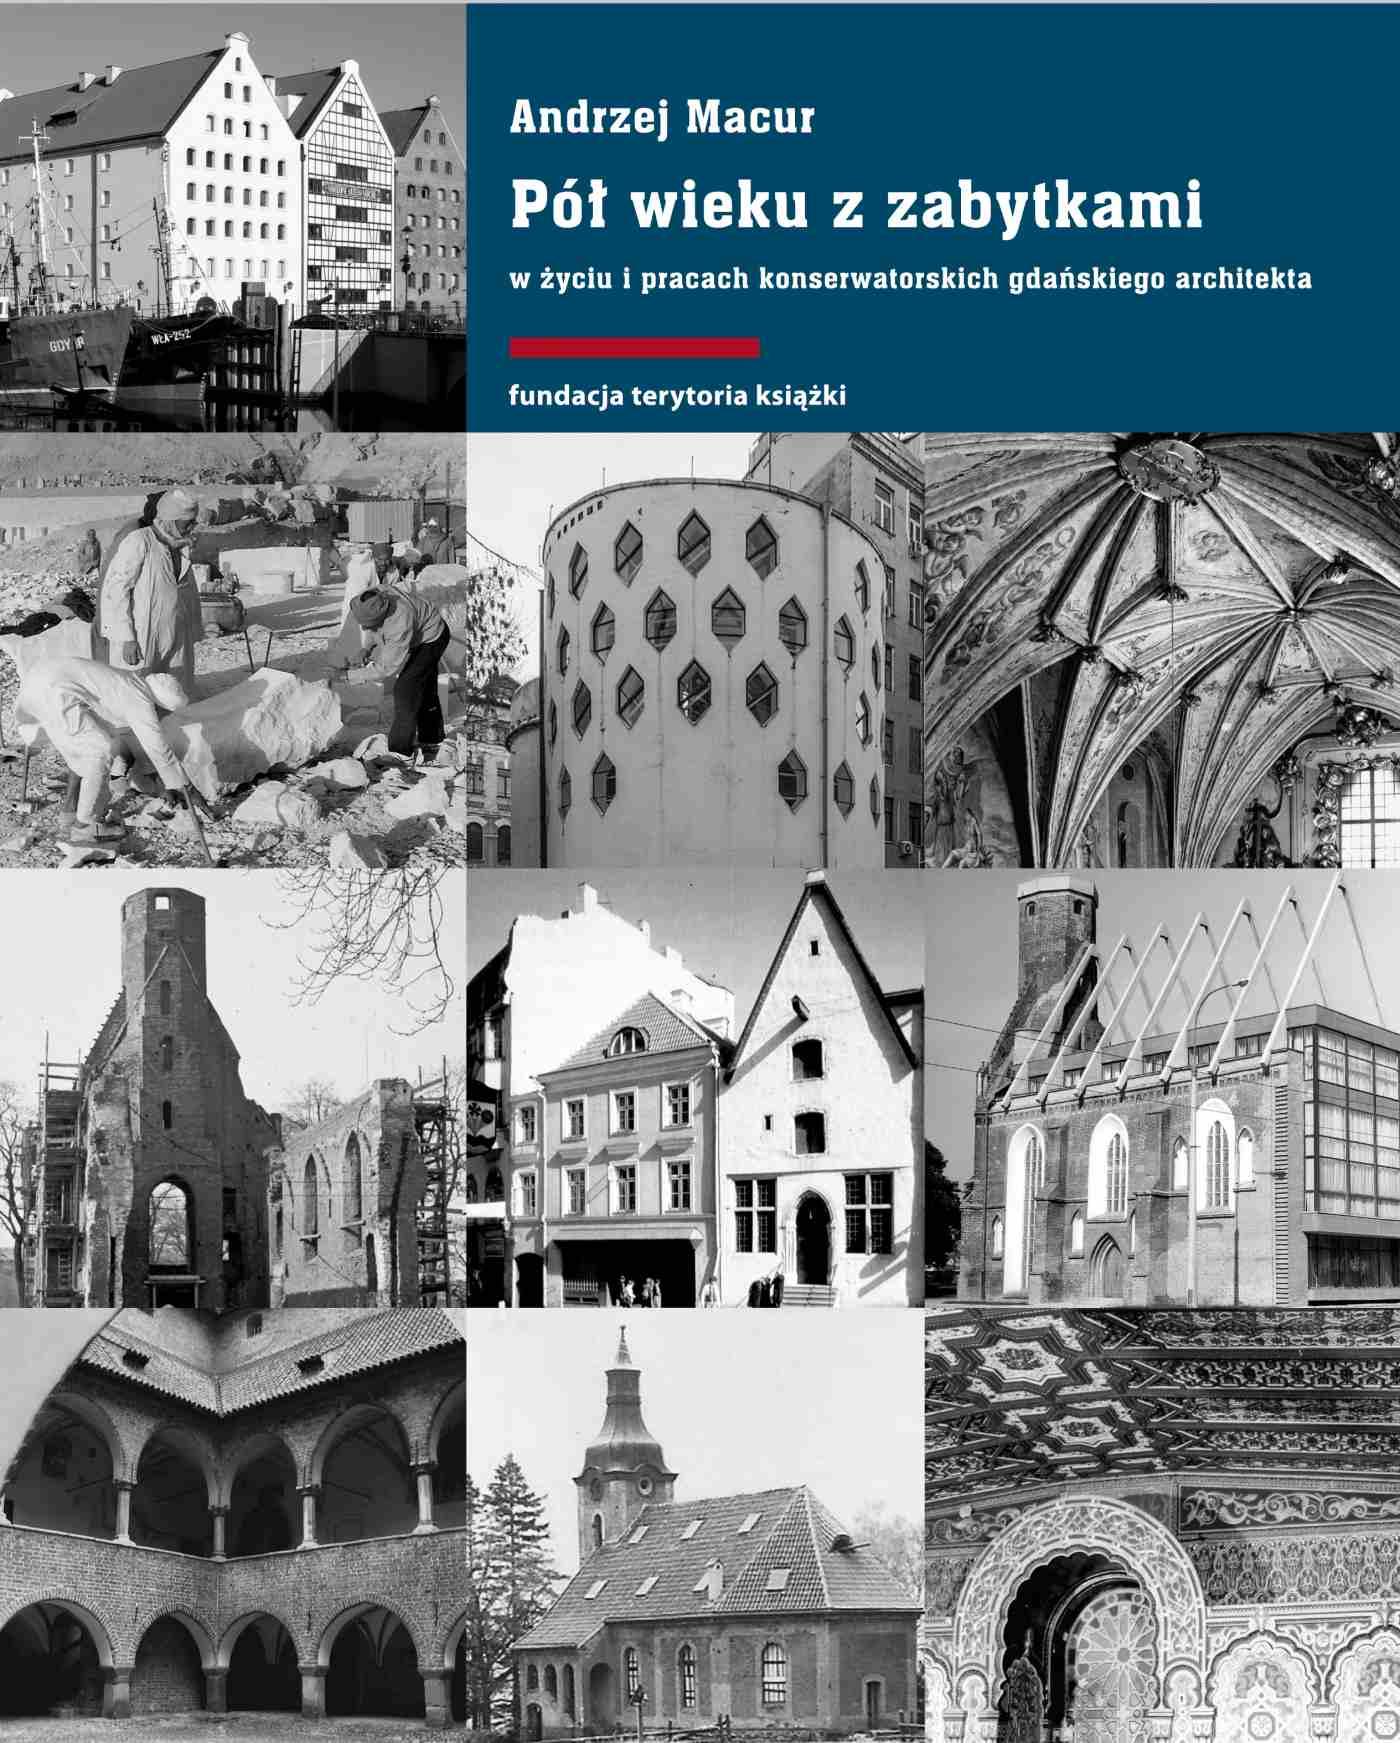 Pół wieku z zabytkami w życiu i pracach konserwatorskich gdańskiego architekta - Ebook (Książka EPUB) do pobrania w formacie EPUB